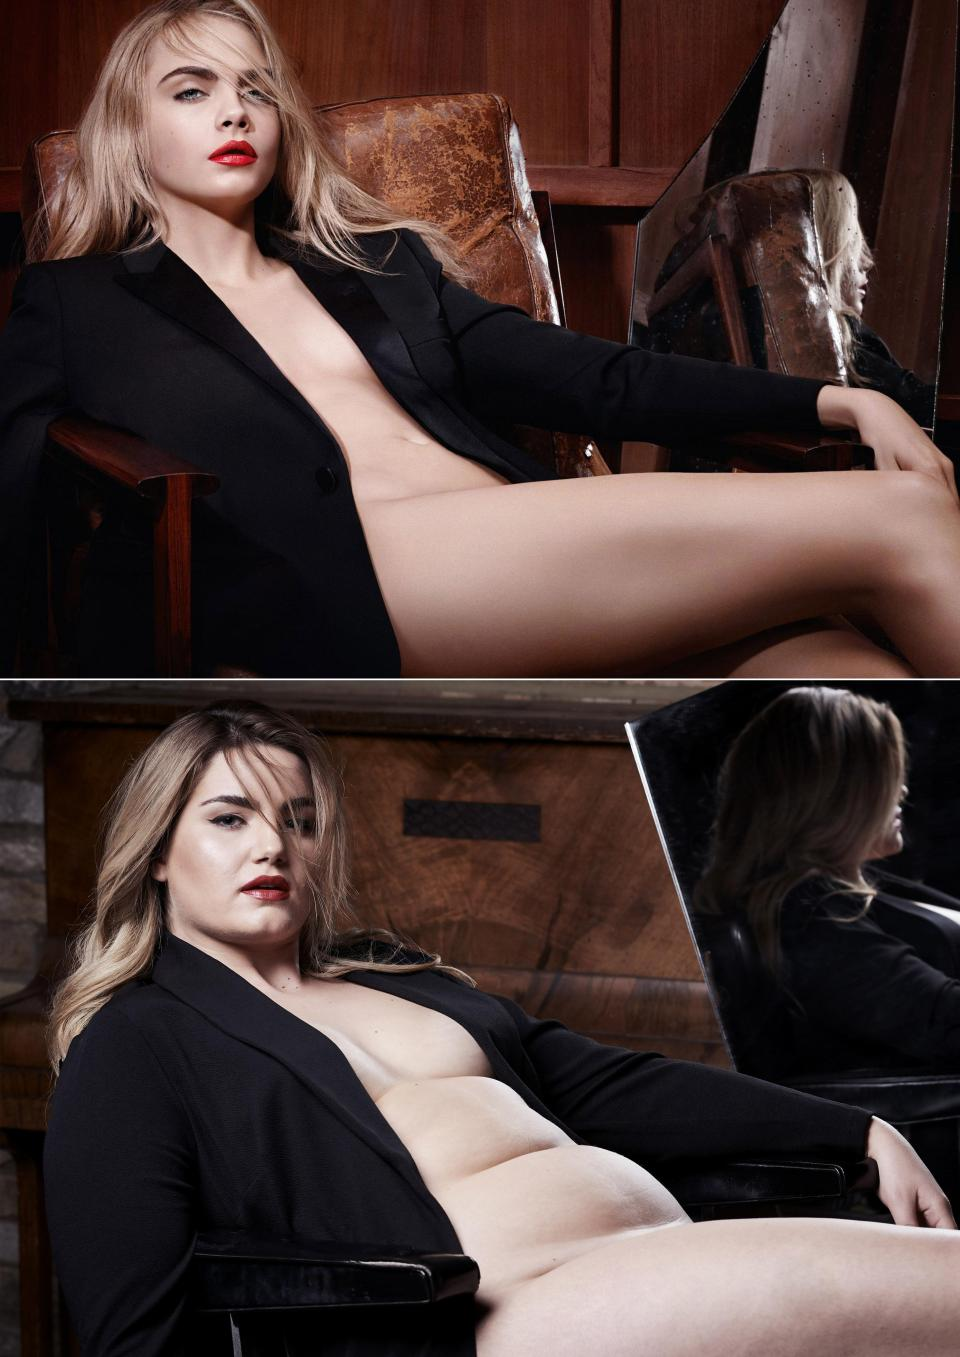 Пышная модель повторила известные обнаженные фото звезд Livia, Matthews, 28летняя, девушка, красиво, выглядеть, могут, формы, пышные, своего, стесняться, показать, хотела, Таким, образом, британская, других, Kardashian, звезд, таких